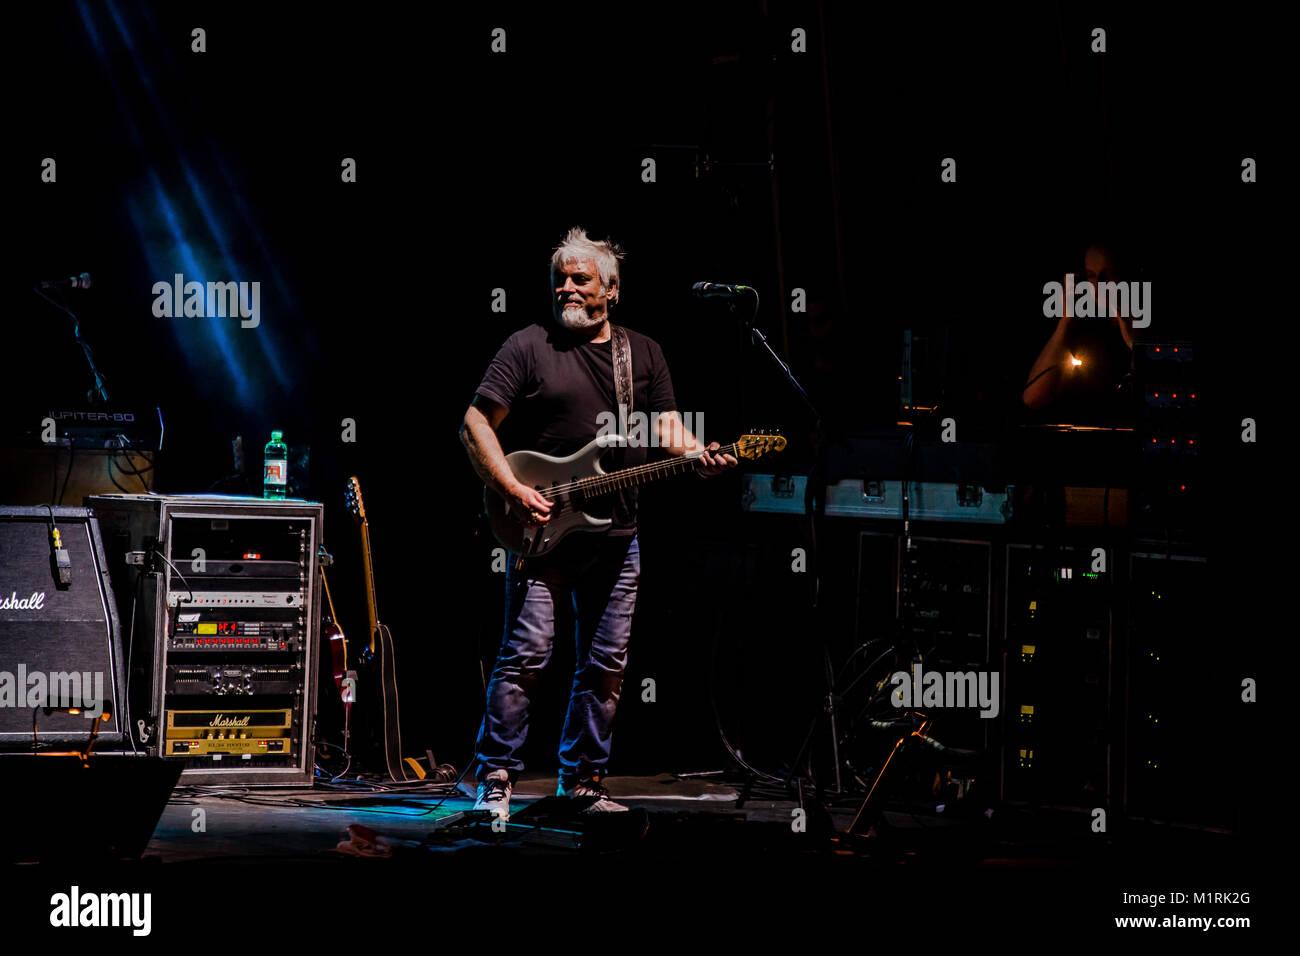 Teatro Duse Bologna Italy The Italian Rock Band Nomadi Stock